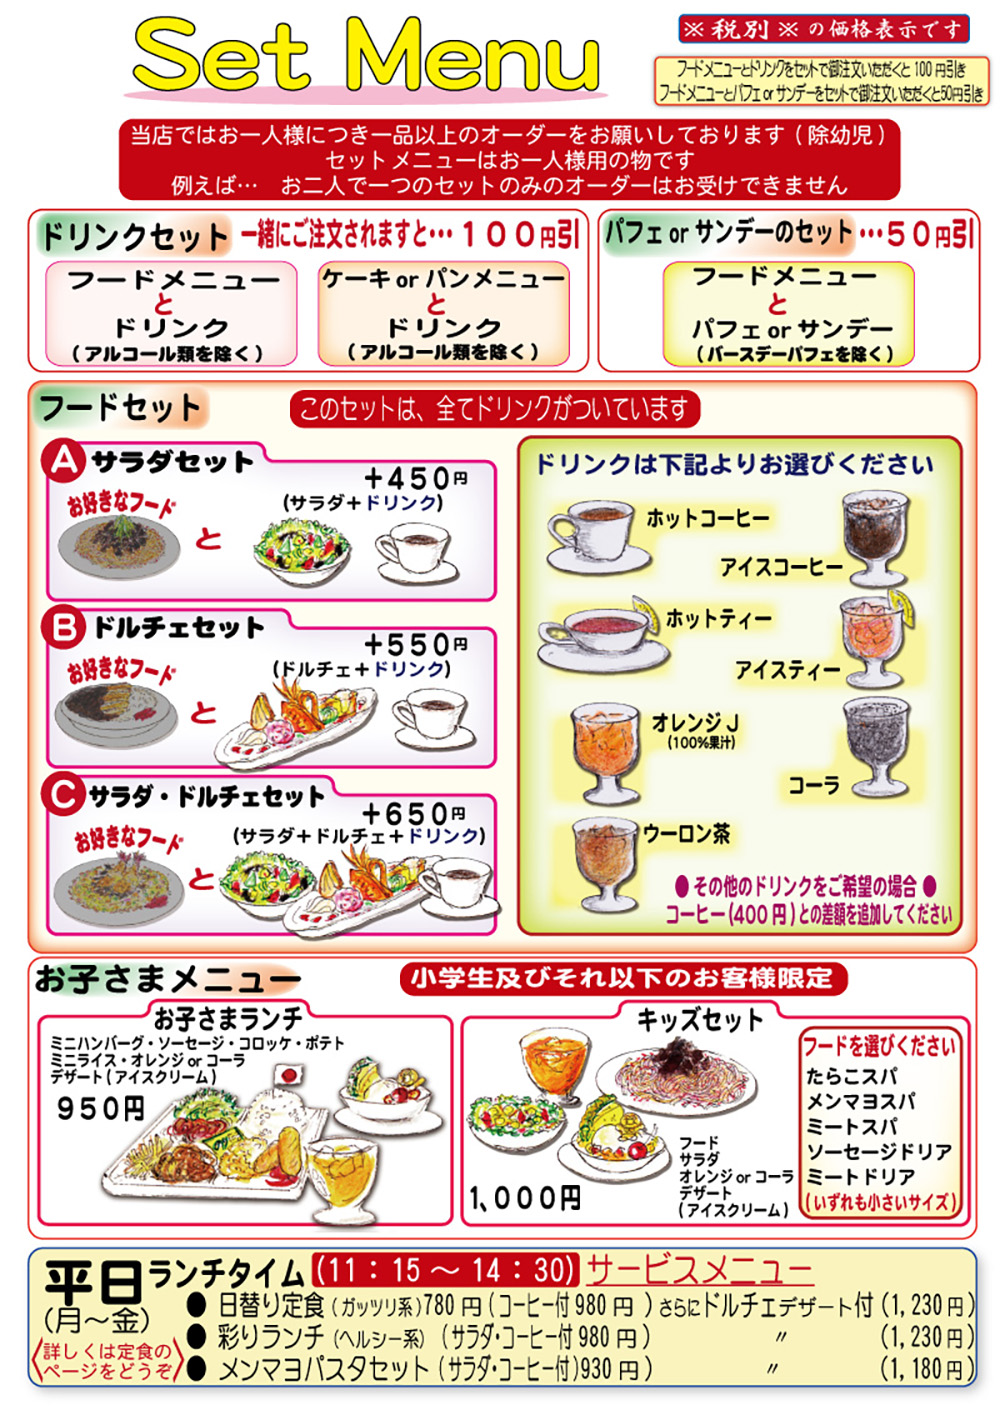 セット・定食メニュー |カフェ・レストラン「ポポクラブ」お得な ...